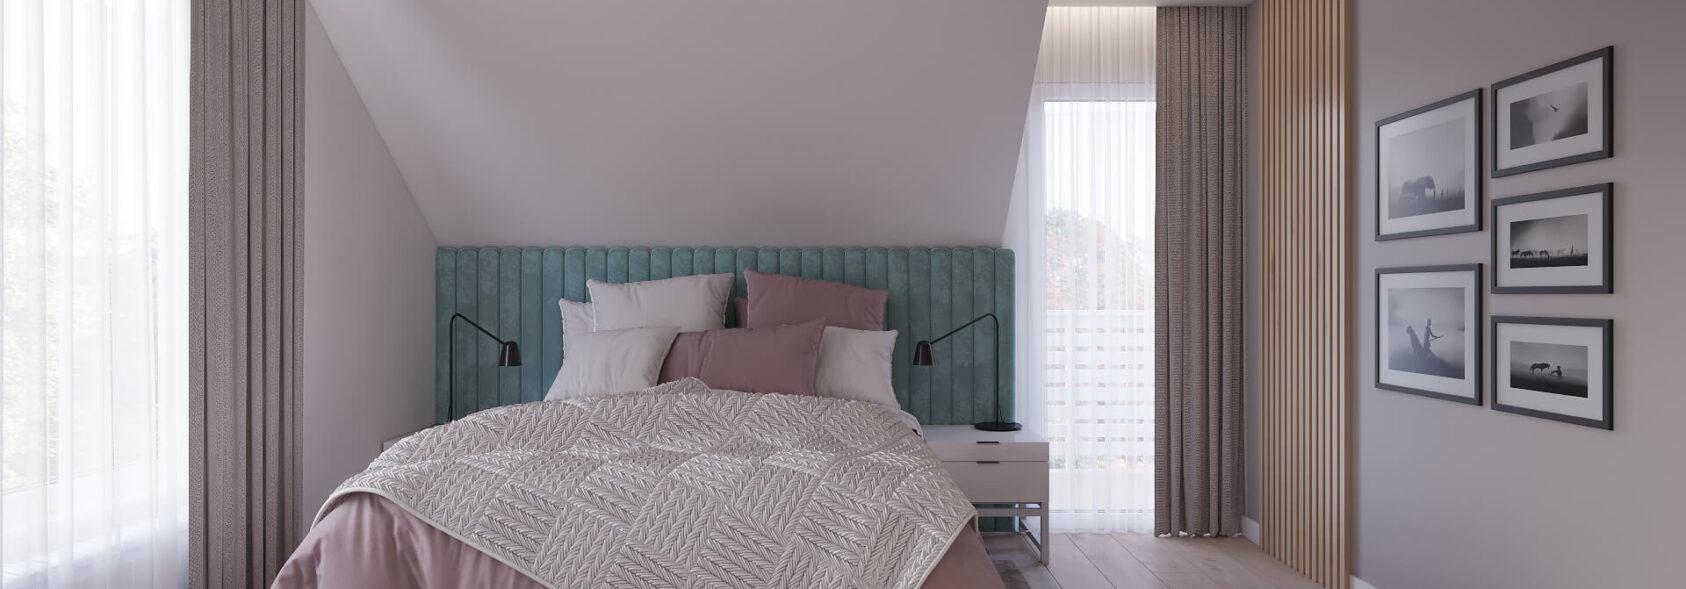 Дизайн дома Киев спальня